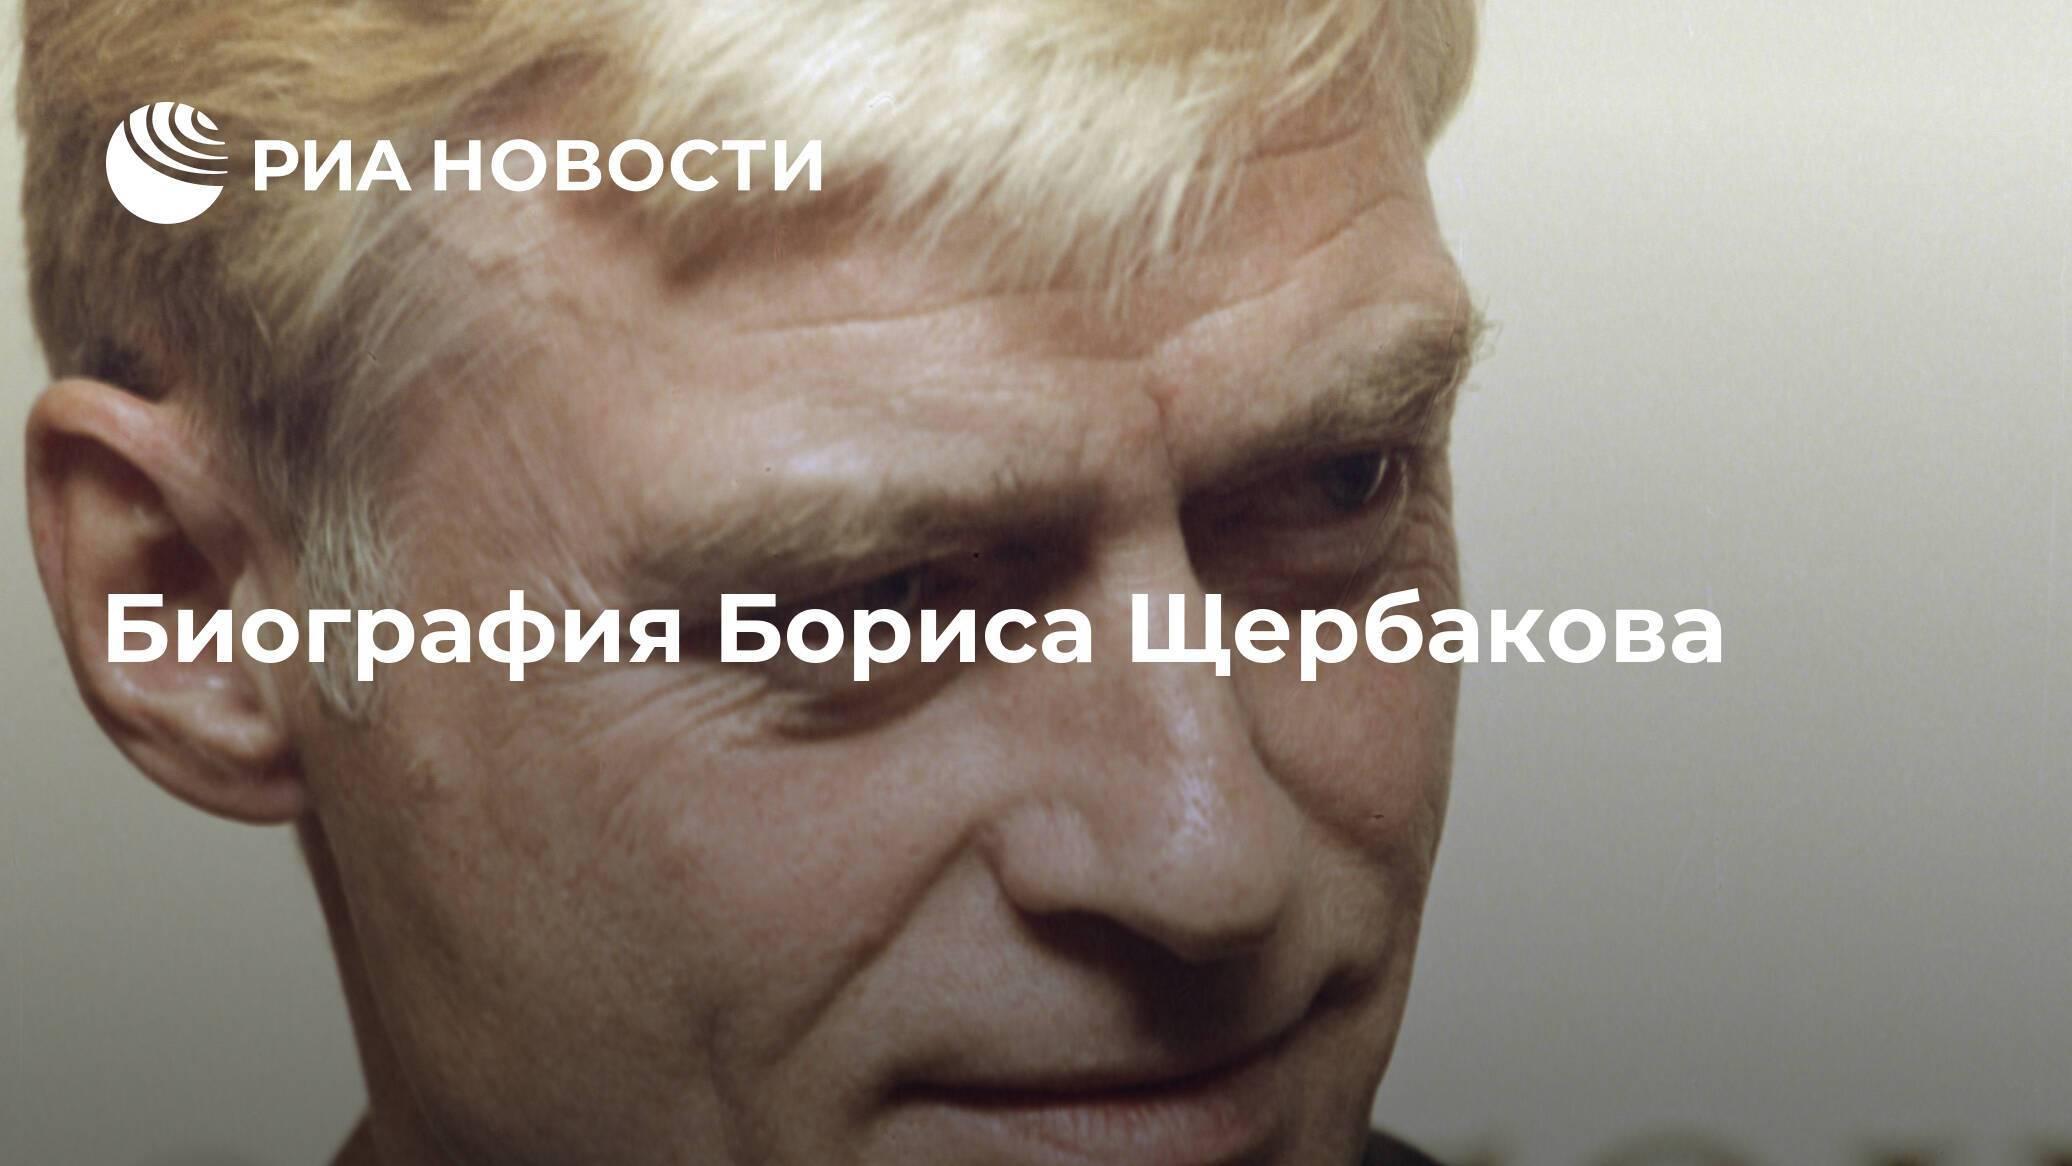 Борис щербаков (11.12.1949): биография, фильмография, новости, статьи, интервью, фото, награды